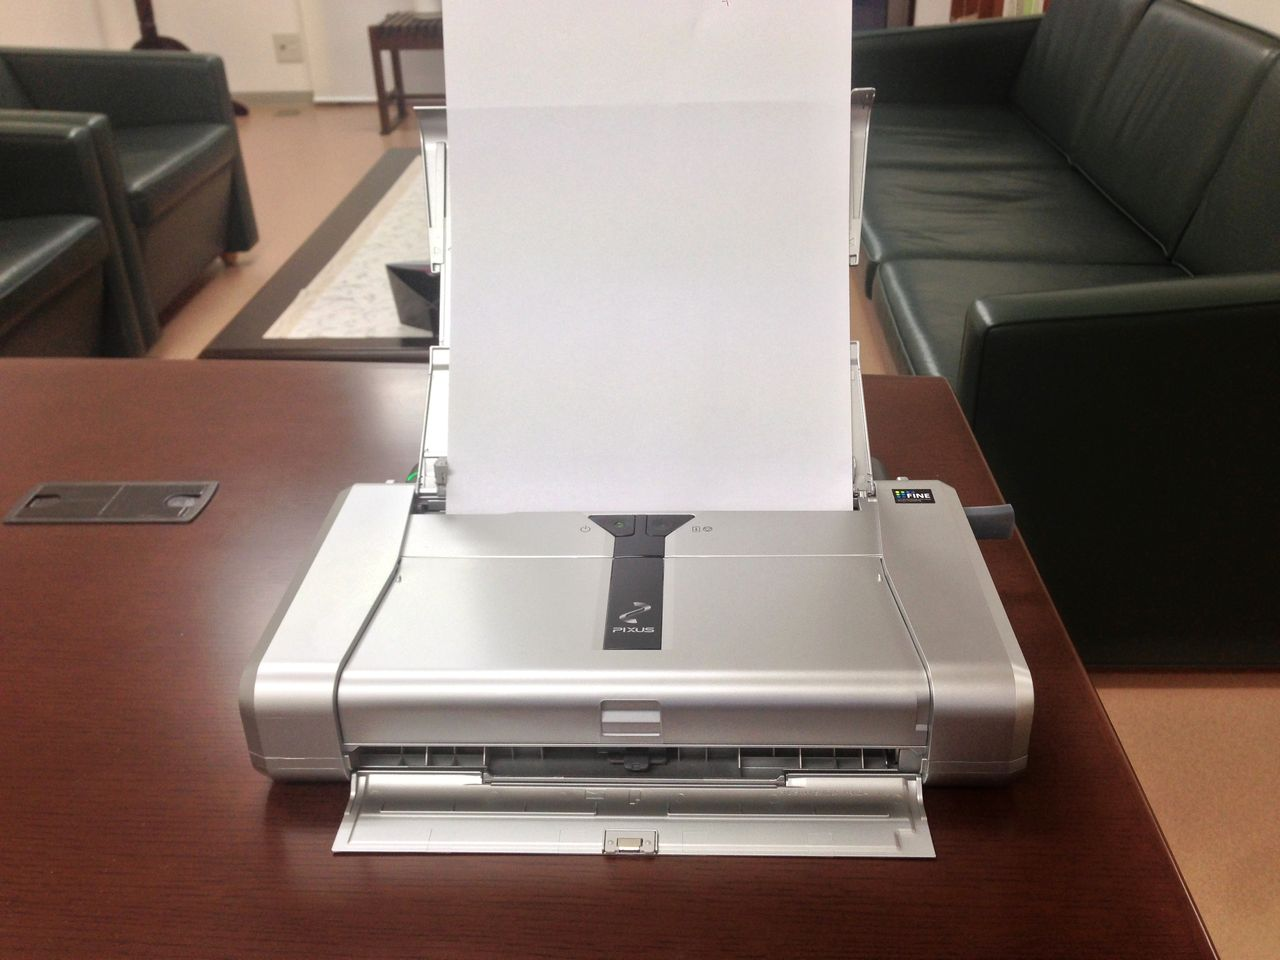 印刷 android pdf 印刷 : /iPadとAndroidからCanon iP100へ印刷 ...